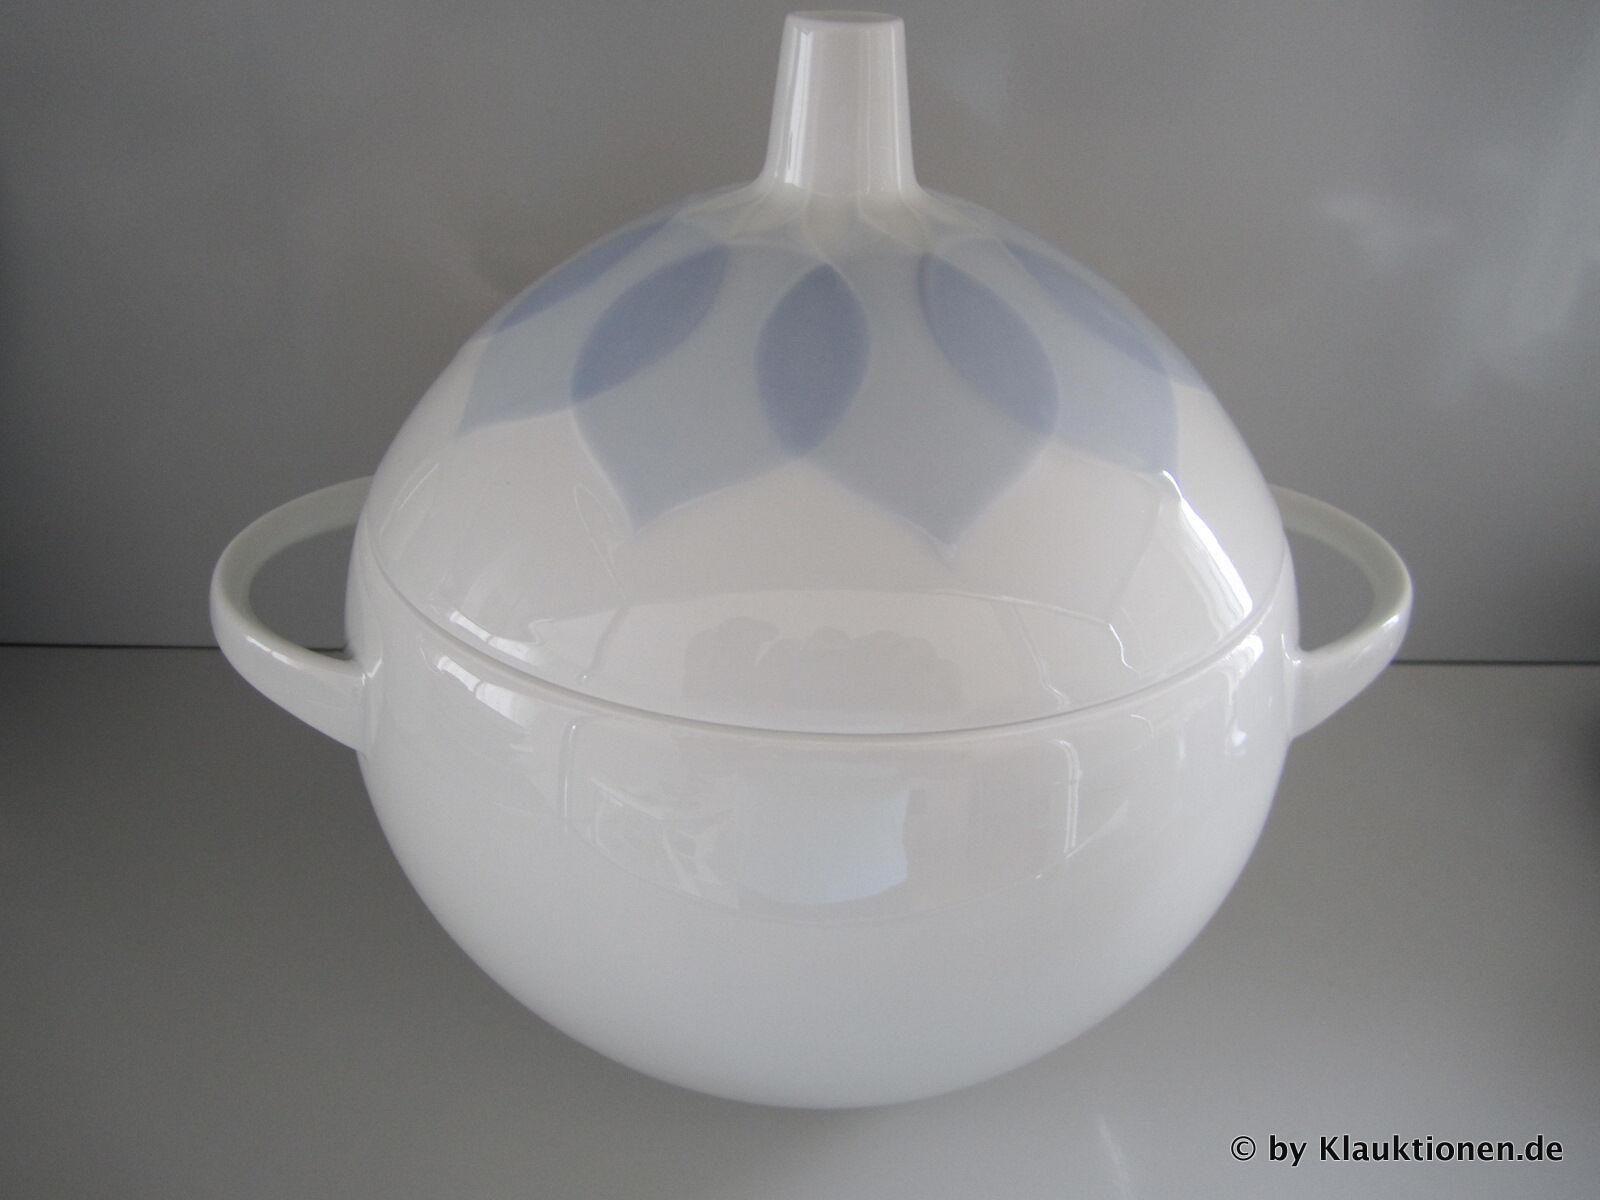 Rosenthal Lotus Bleu terrine Bol Avec Couvercle Neuf & Emballage Original Bowl